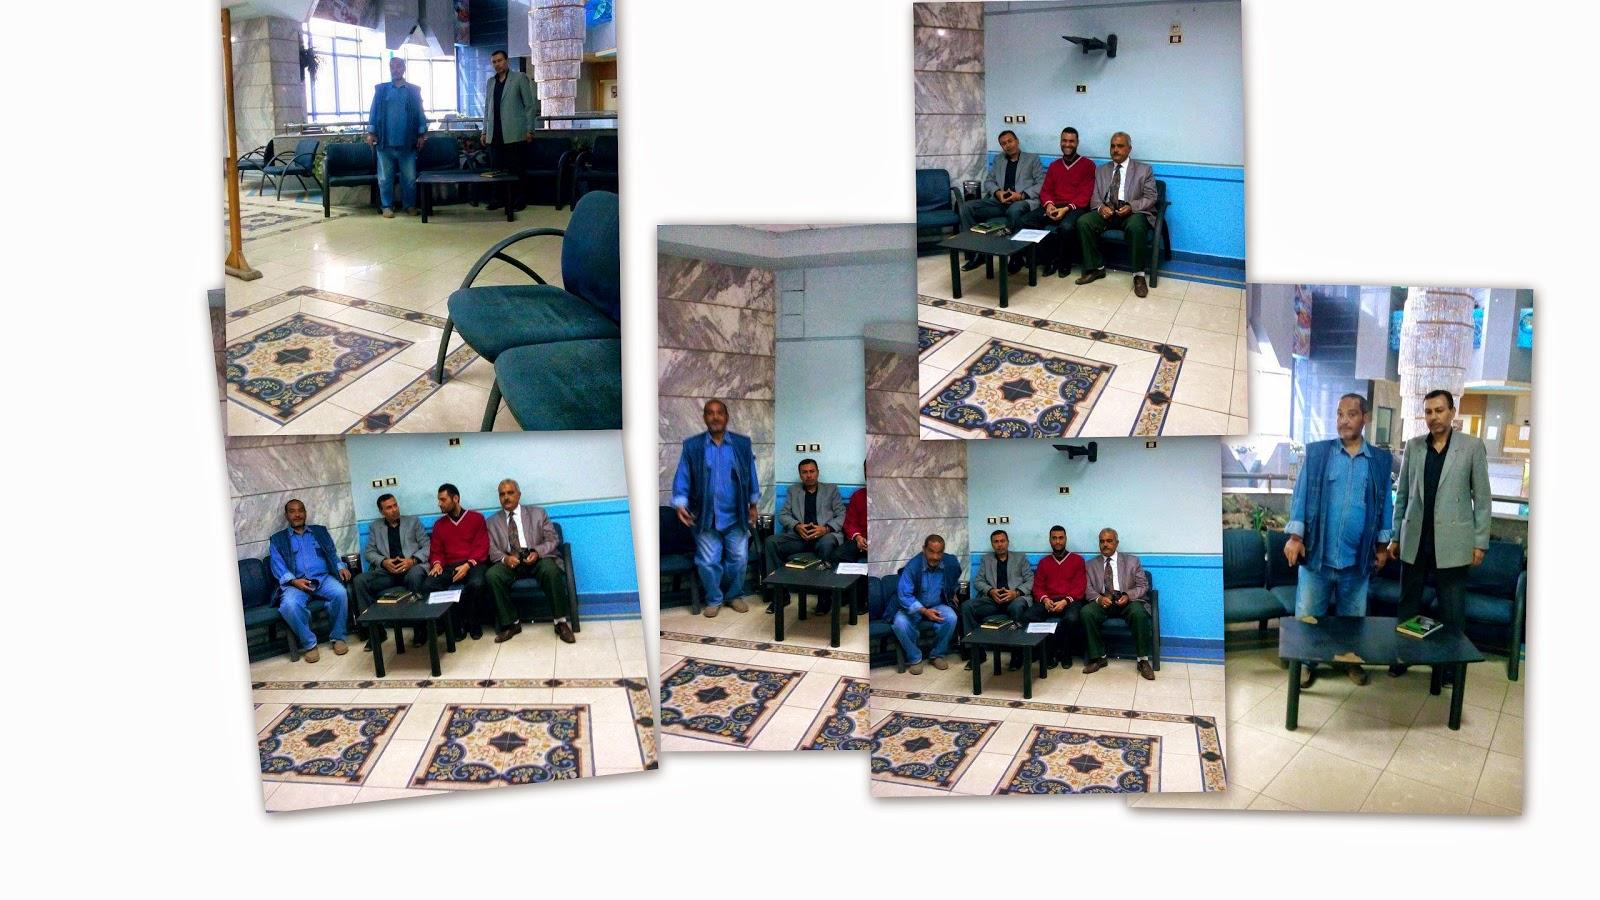 الحسينى , alhussiny , الحسينى محمد , alkoga,الخوجة , education , التعليم , egypt , مصر,#الحسينى,#Egyteachers , #Egyeducation